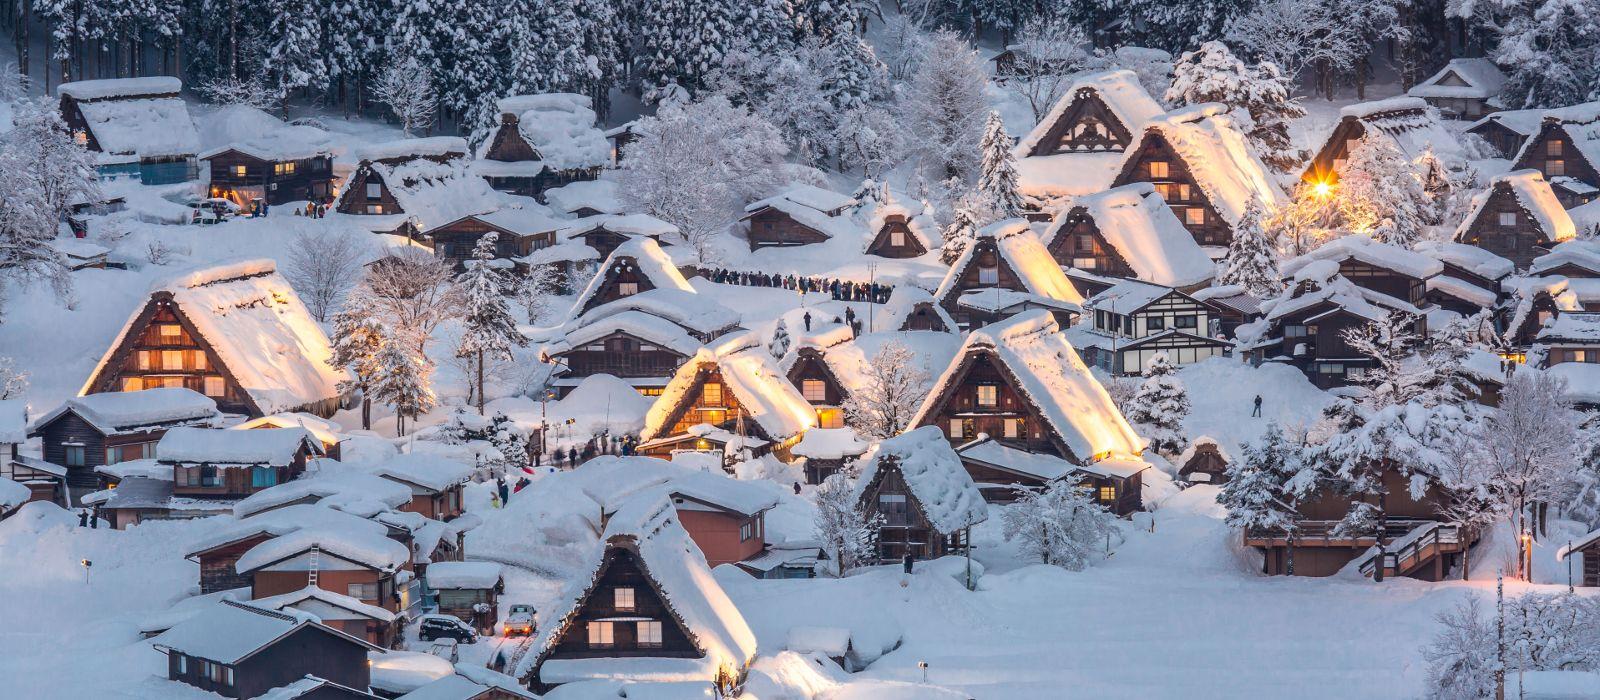 Reiseziel Shirakawa-gō Japan